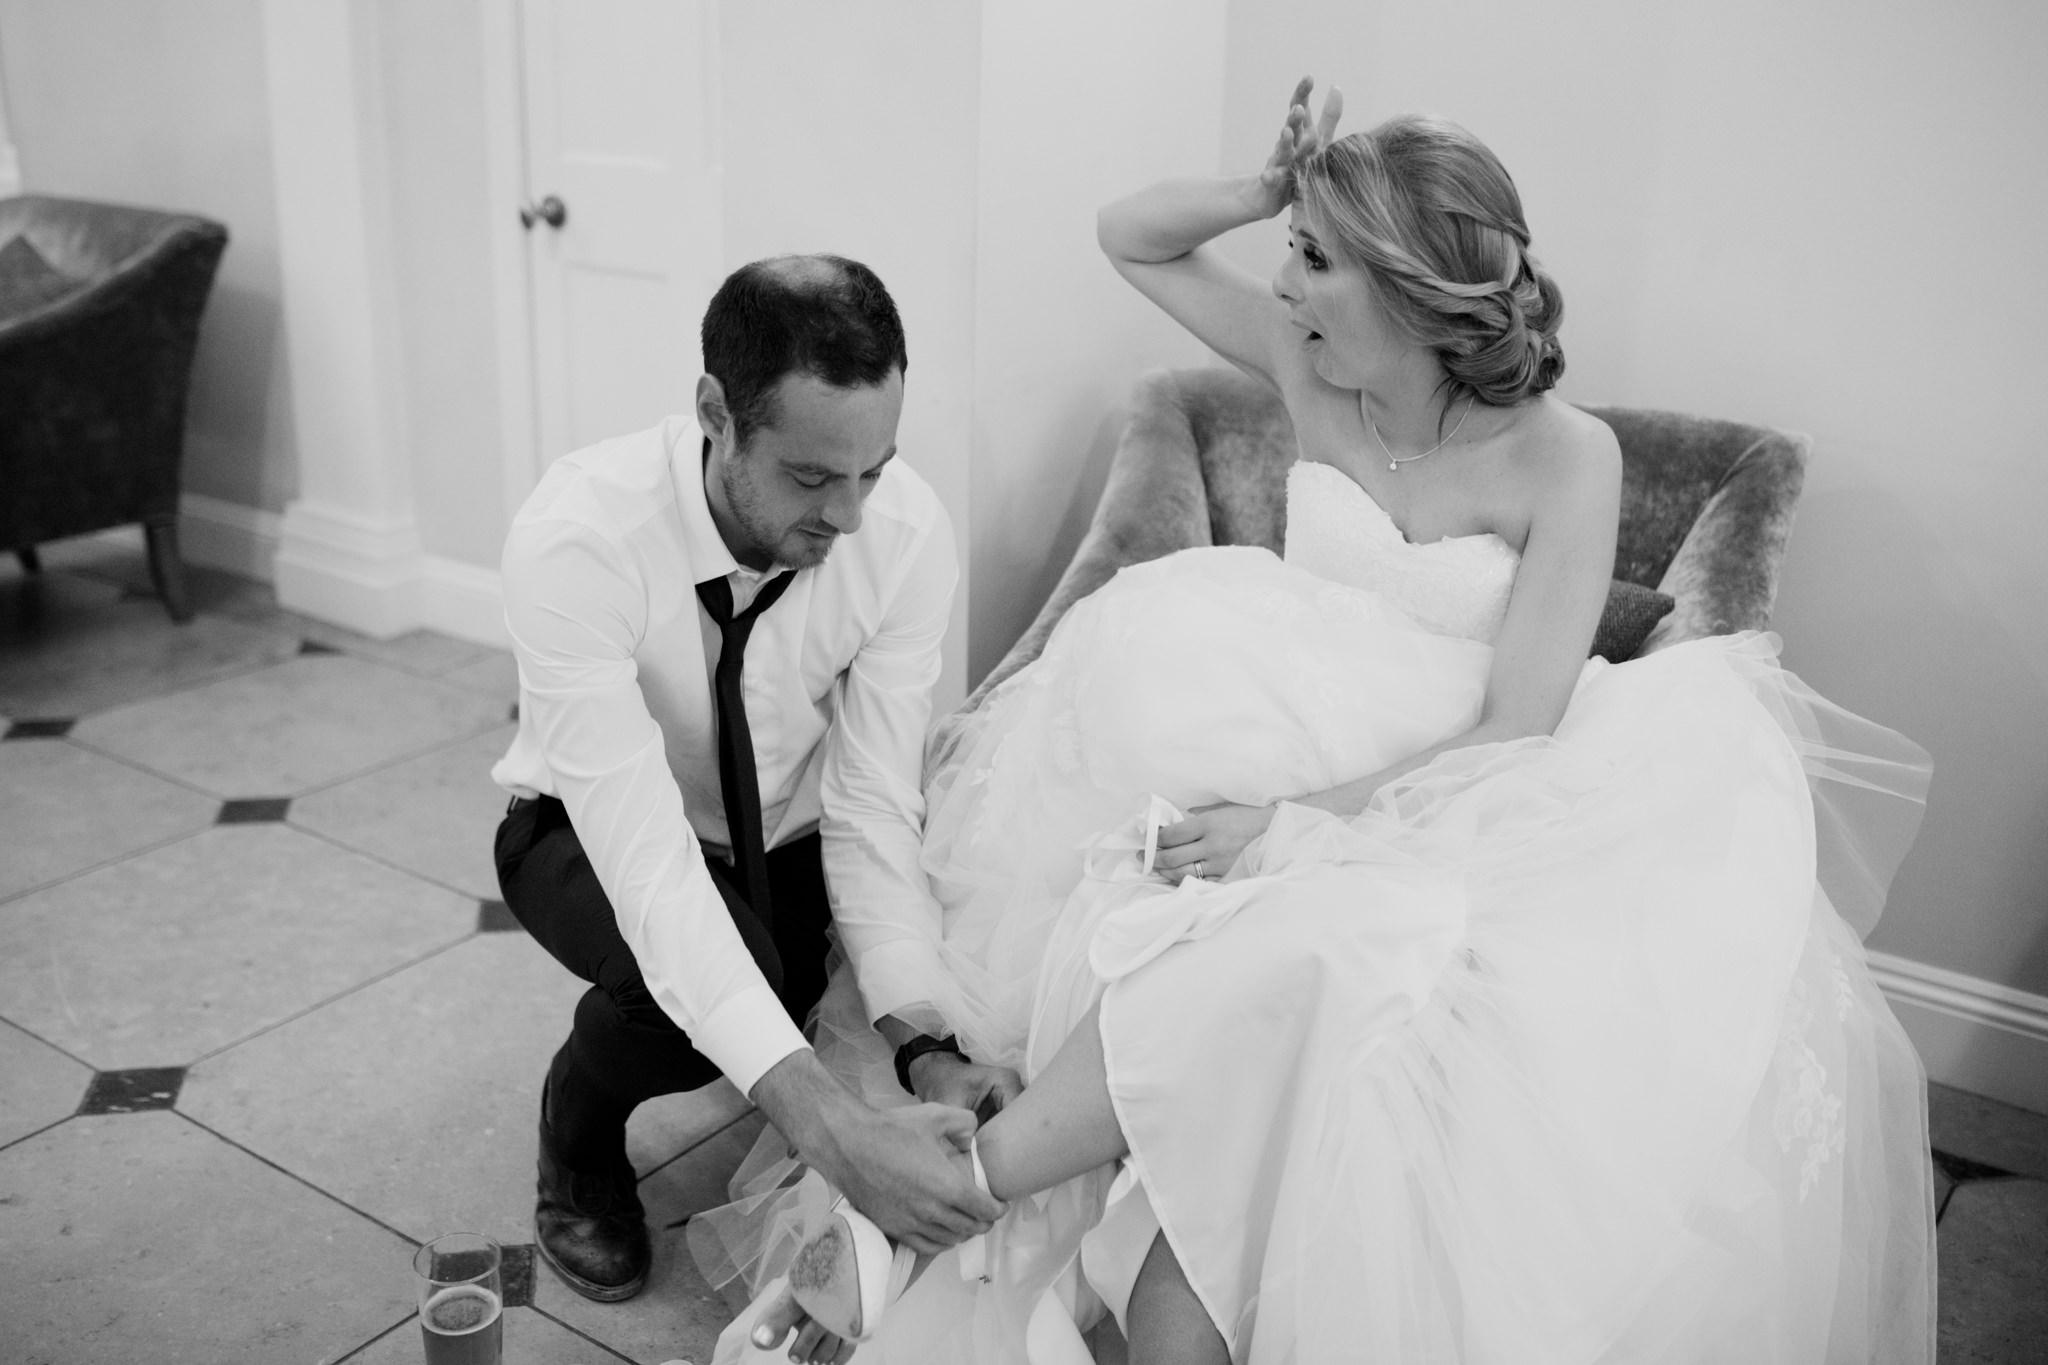 Rockbeare manor wedding photographer 050.jpg